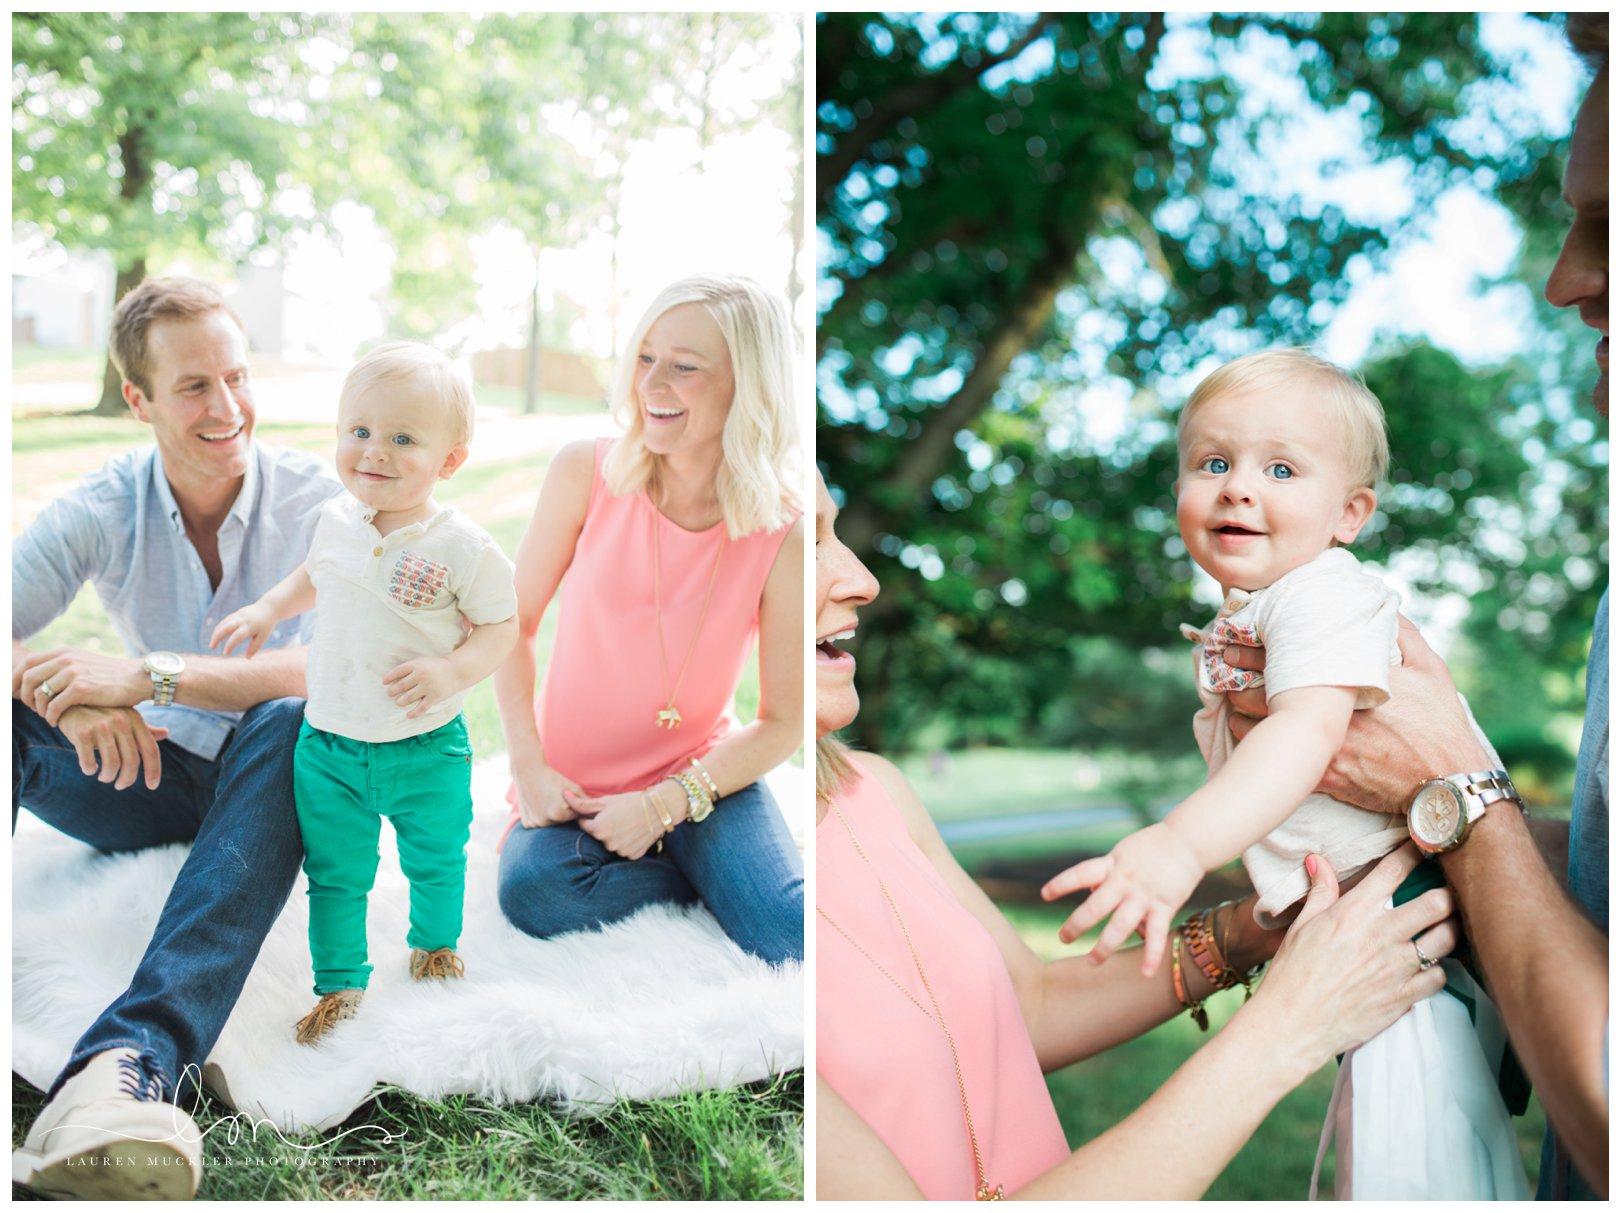 lauren muckler photography_fine art film wedding photography_st louis_photography_0338.jpg